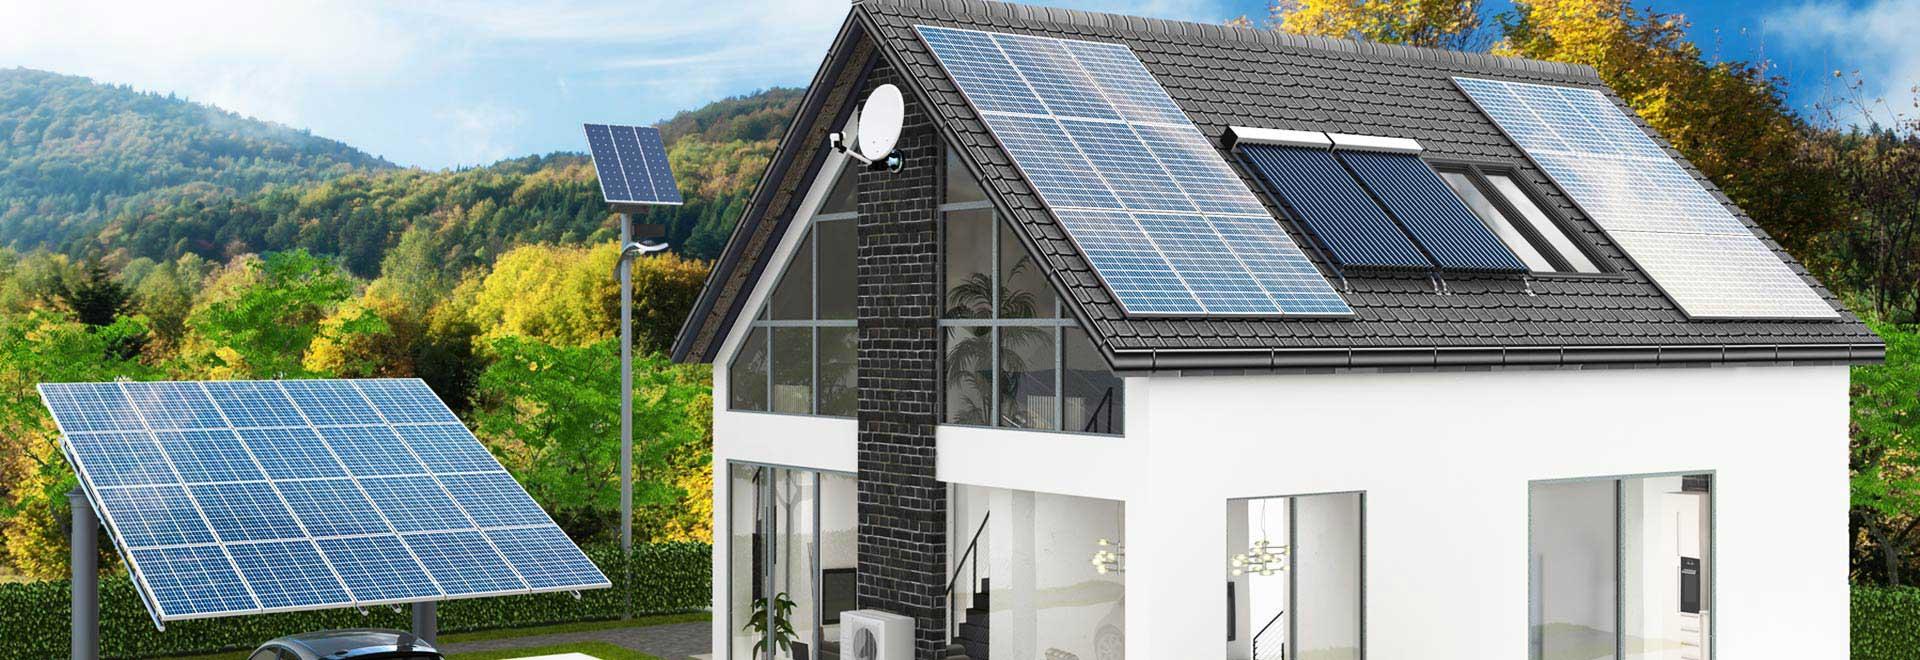 Walter Vögele GmbH in Freiburg: Sonnenkraft nutzen